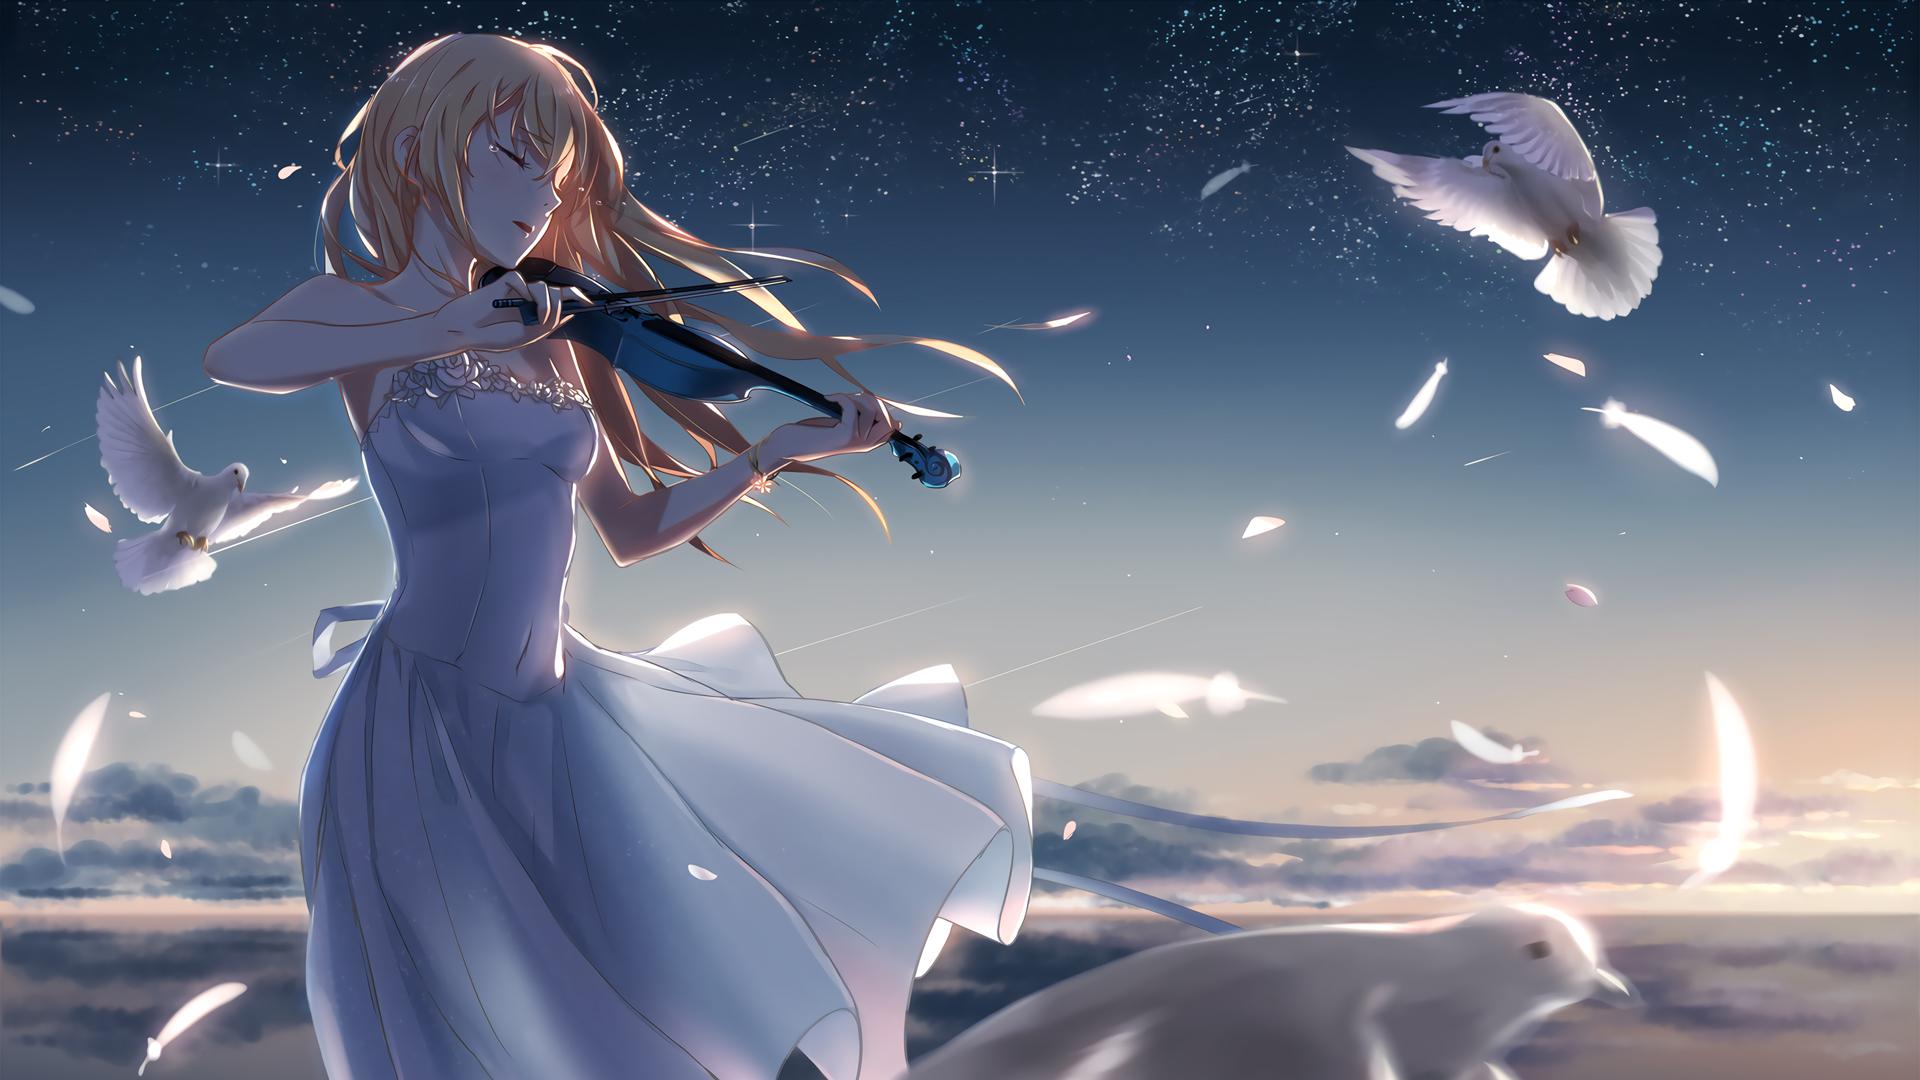 星空 少女 小提琴 白鸽 唯美动漫壁纸